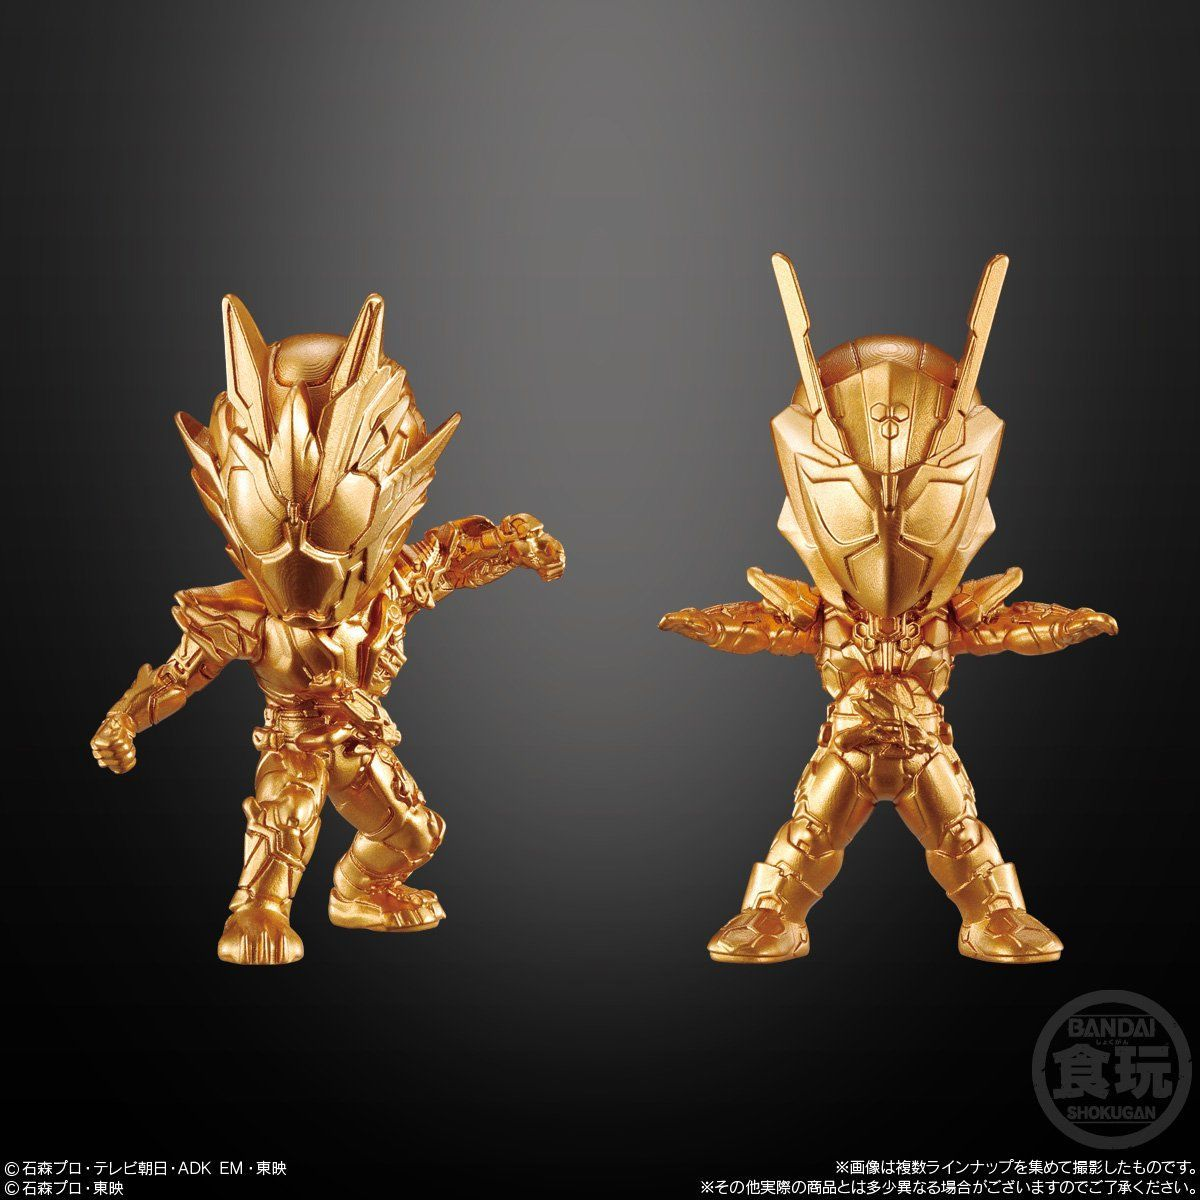 【食玩】『仮面ライダーゴールドフィギュア02』16個入りBOX-002